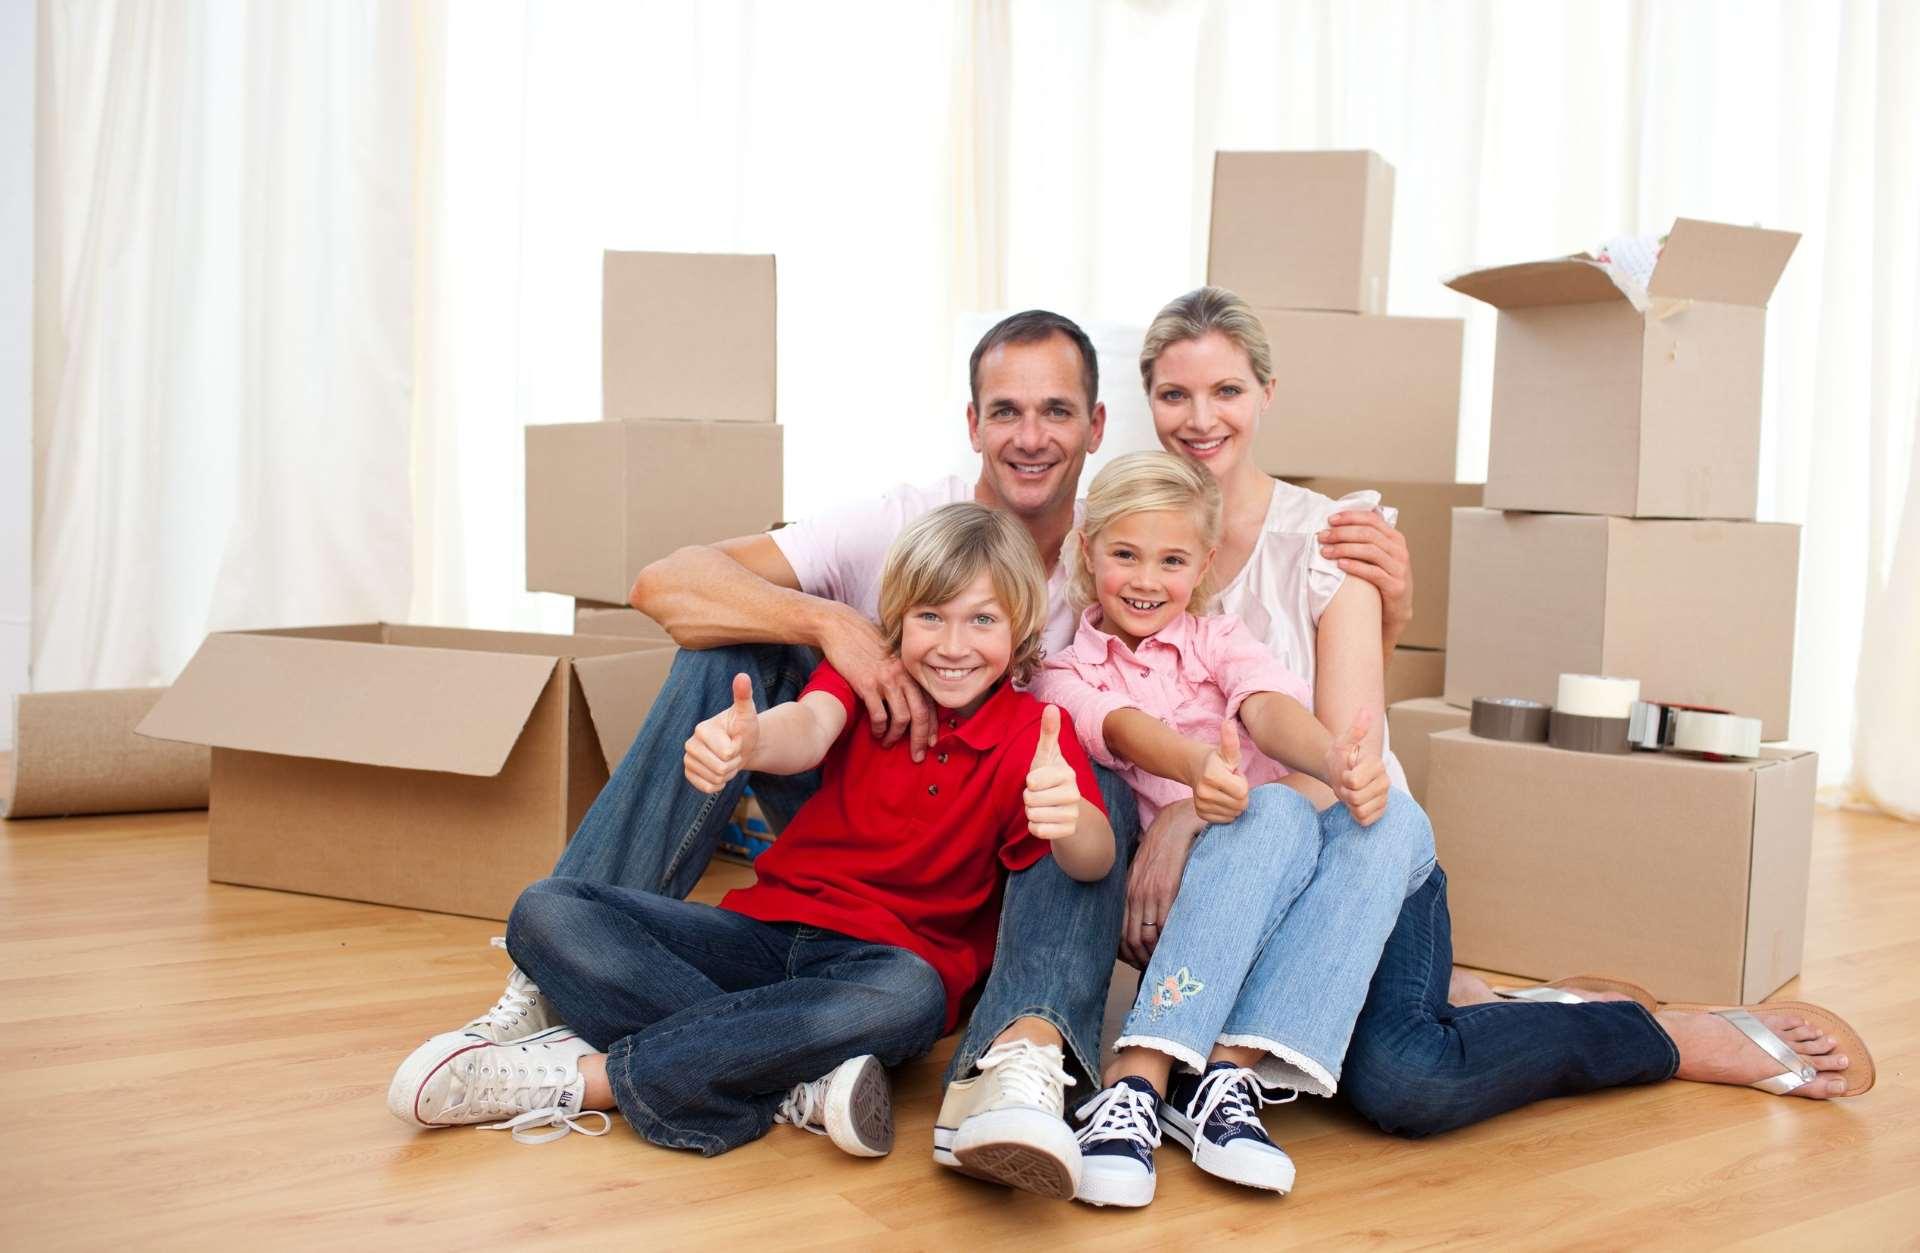 familia cajas